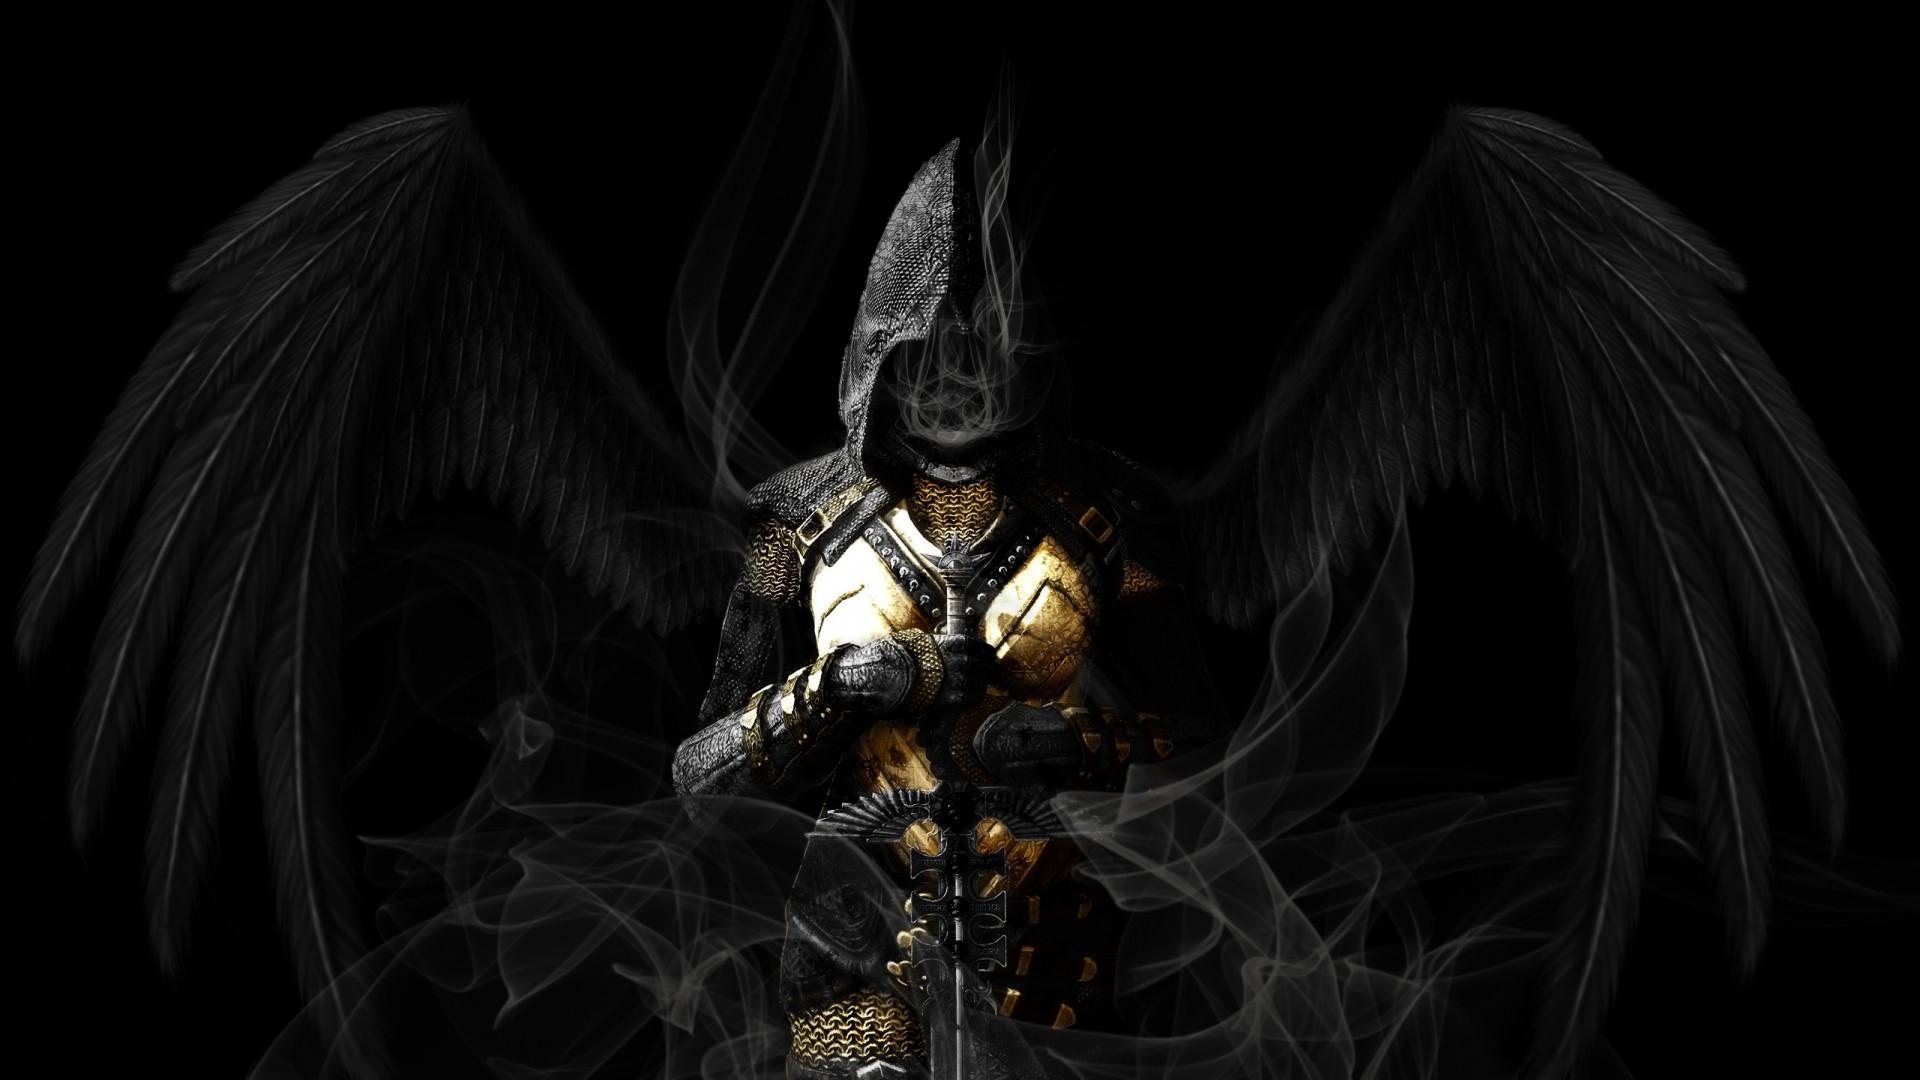 Angel Wings Black Sword gothic dark reaper grim angels wallpaper 1920x1080